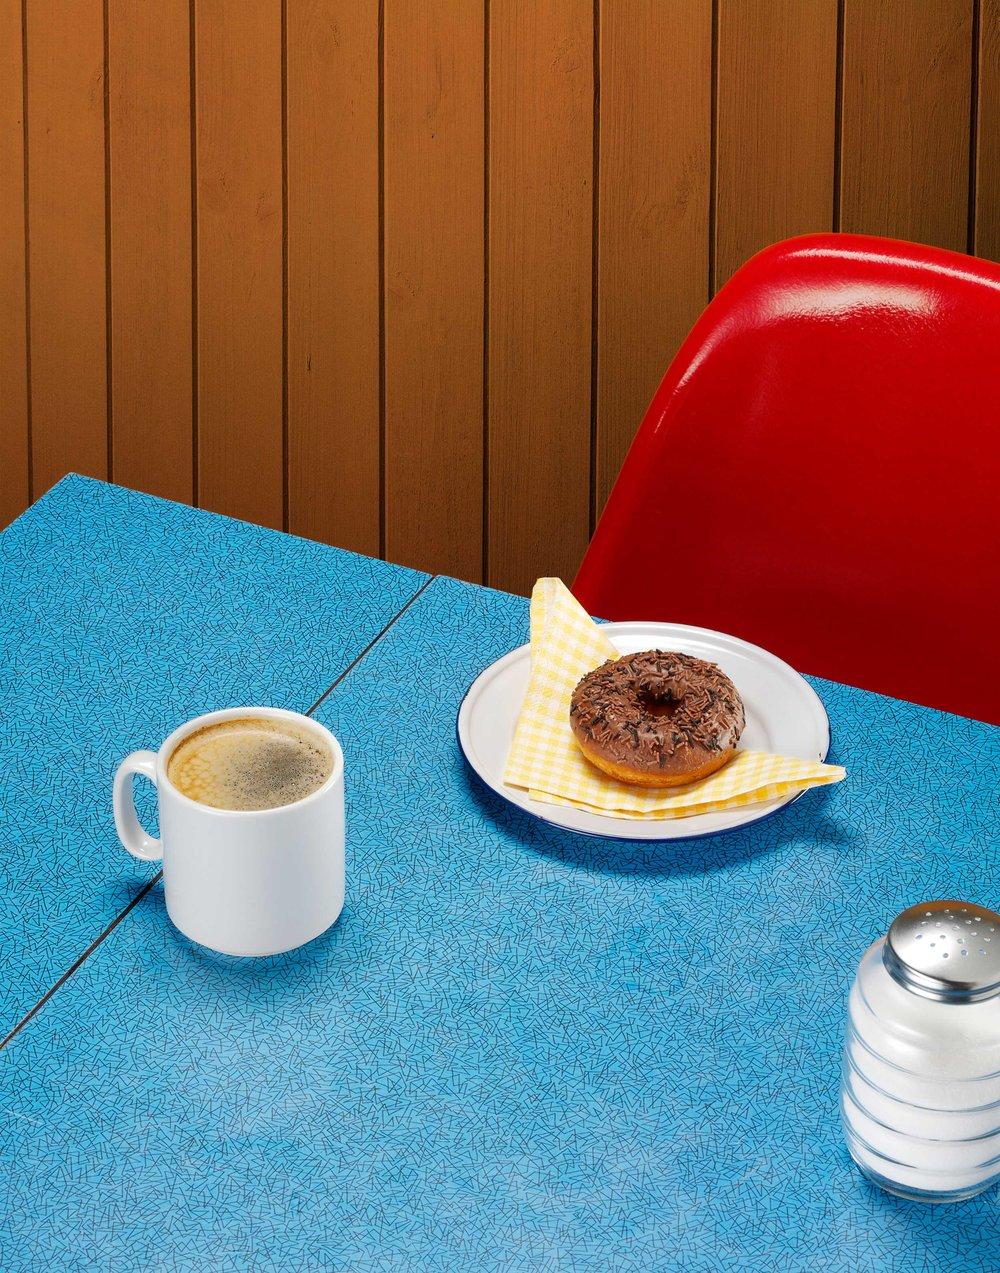 Diner-Cafe-Donut-RET-11x14-HR.jpg